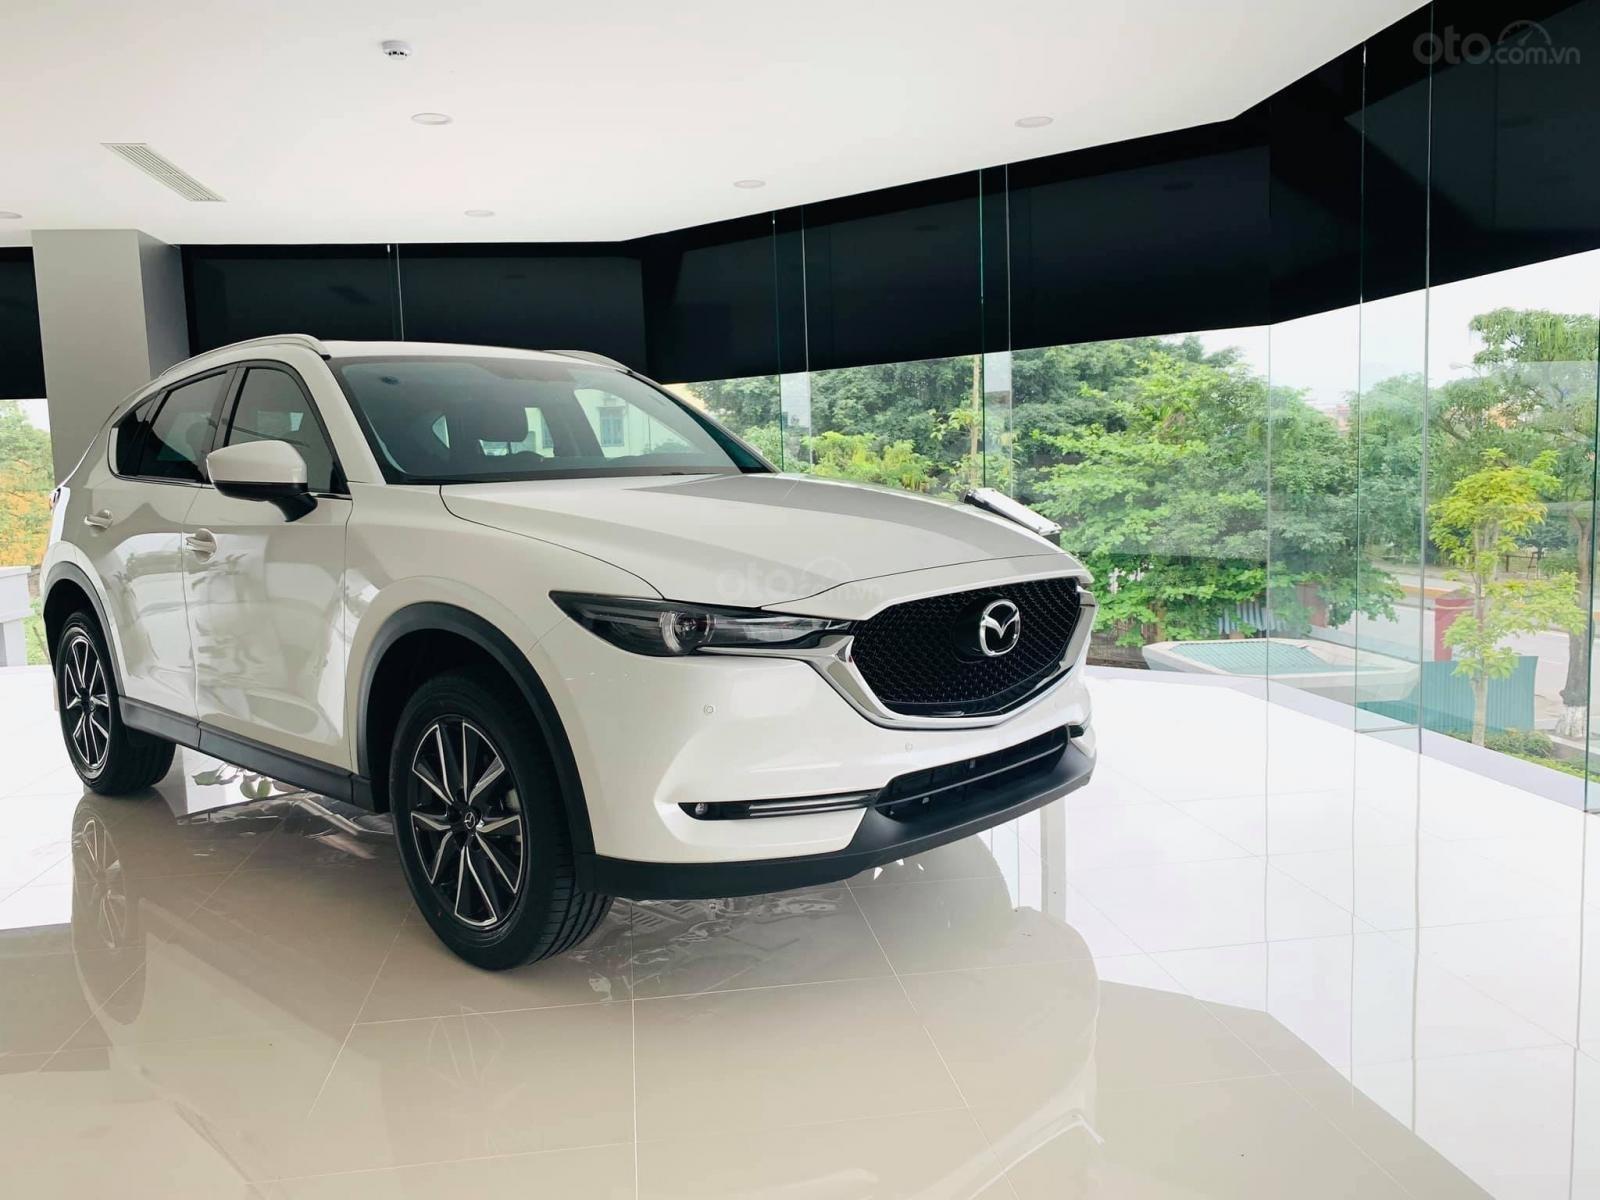 Bán ô tô Mazda CX 5 2019, trả góp chỉ 280tr lăn bánh-0